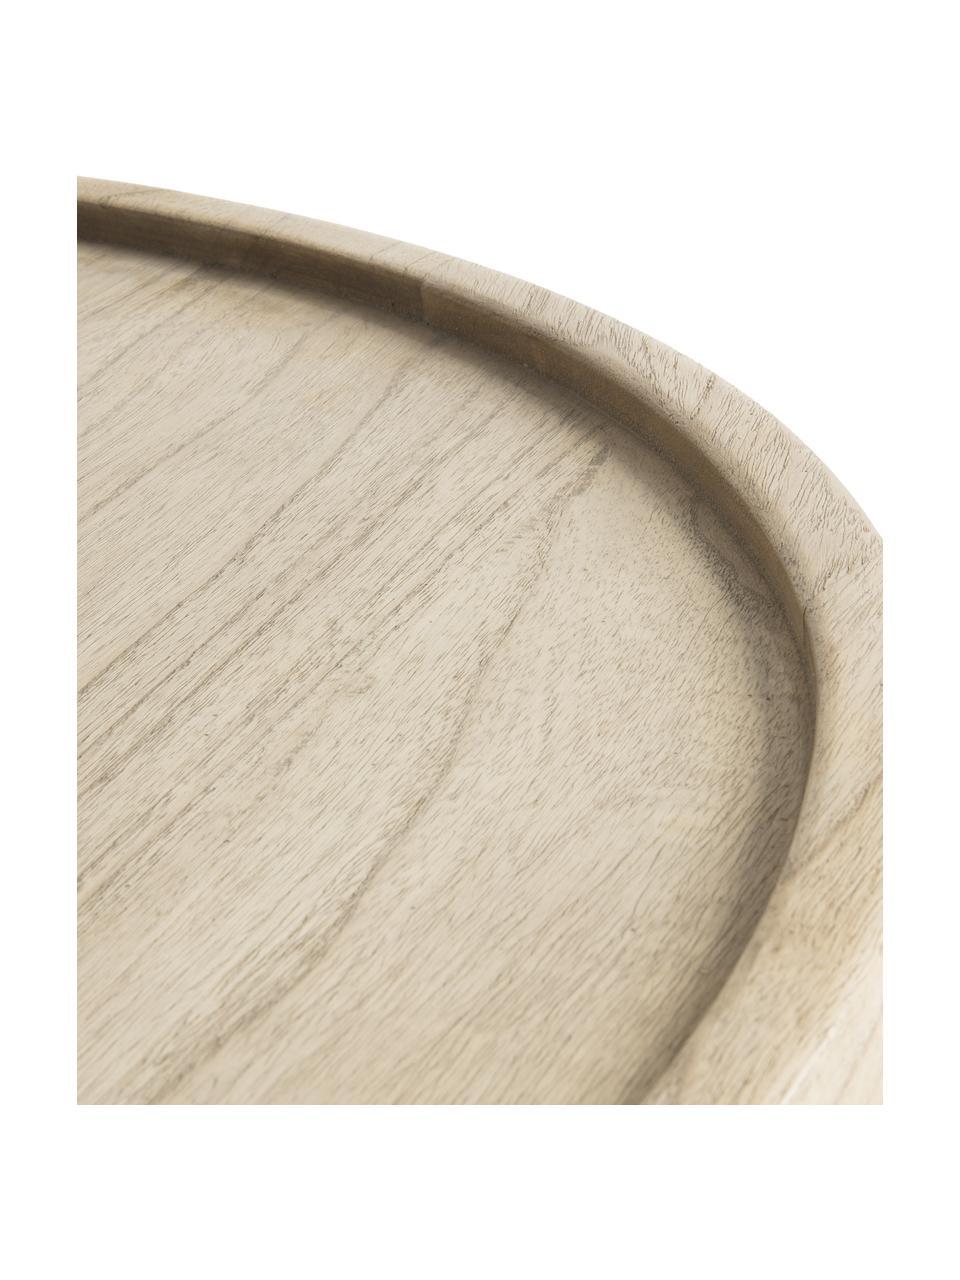 Couchtisch Tenda aus Holz, Mindiholz, Beige, Ø 81 x H 81 cm